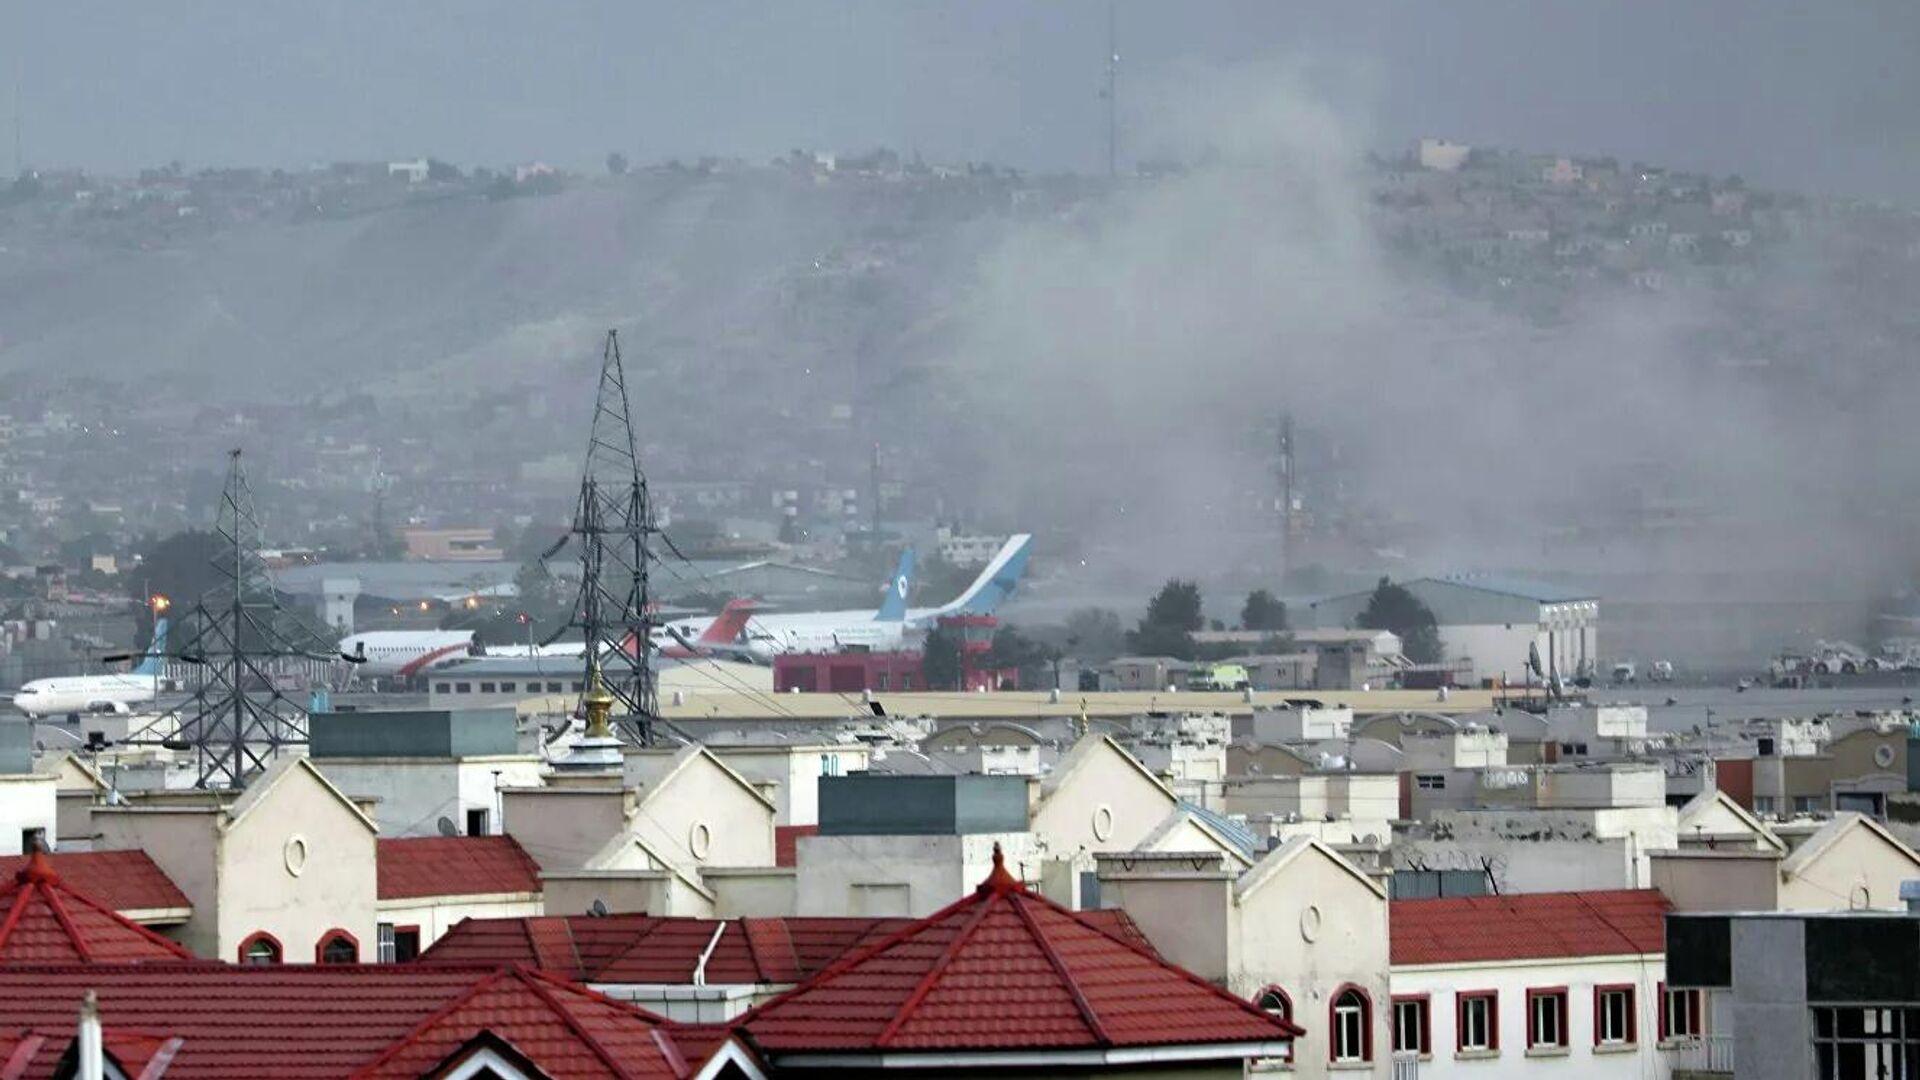 Дым от взрыва возле аэропорта Кабула  - Sputnik Таджикистан, 1920, 27.08.2021